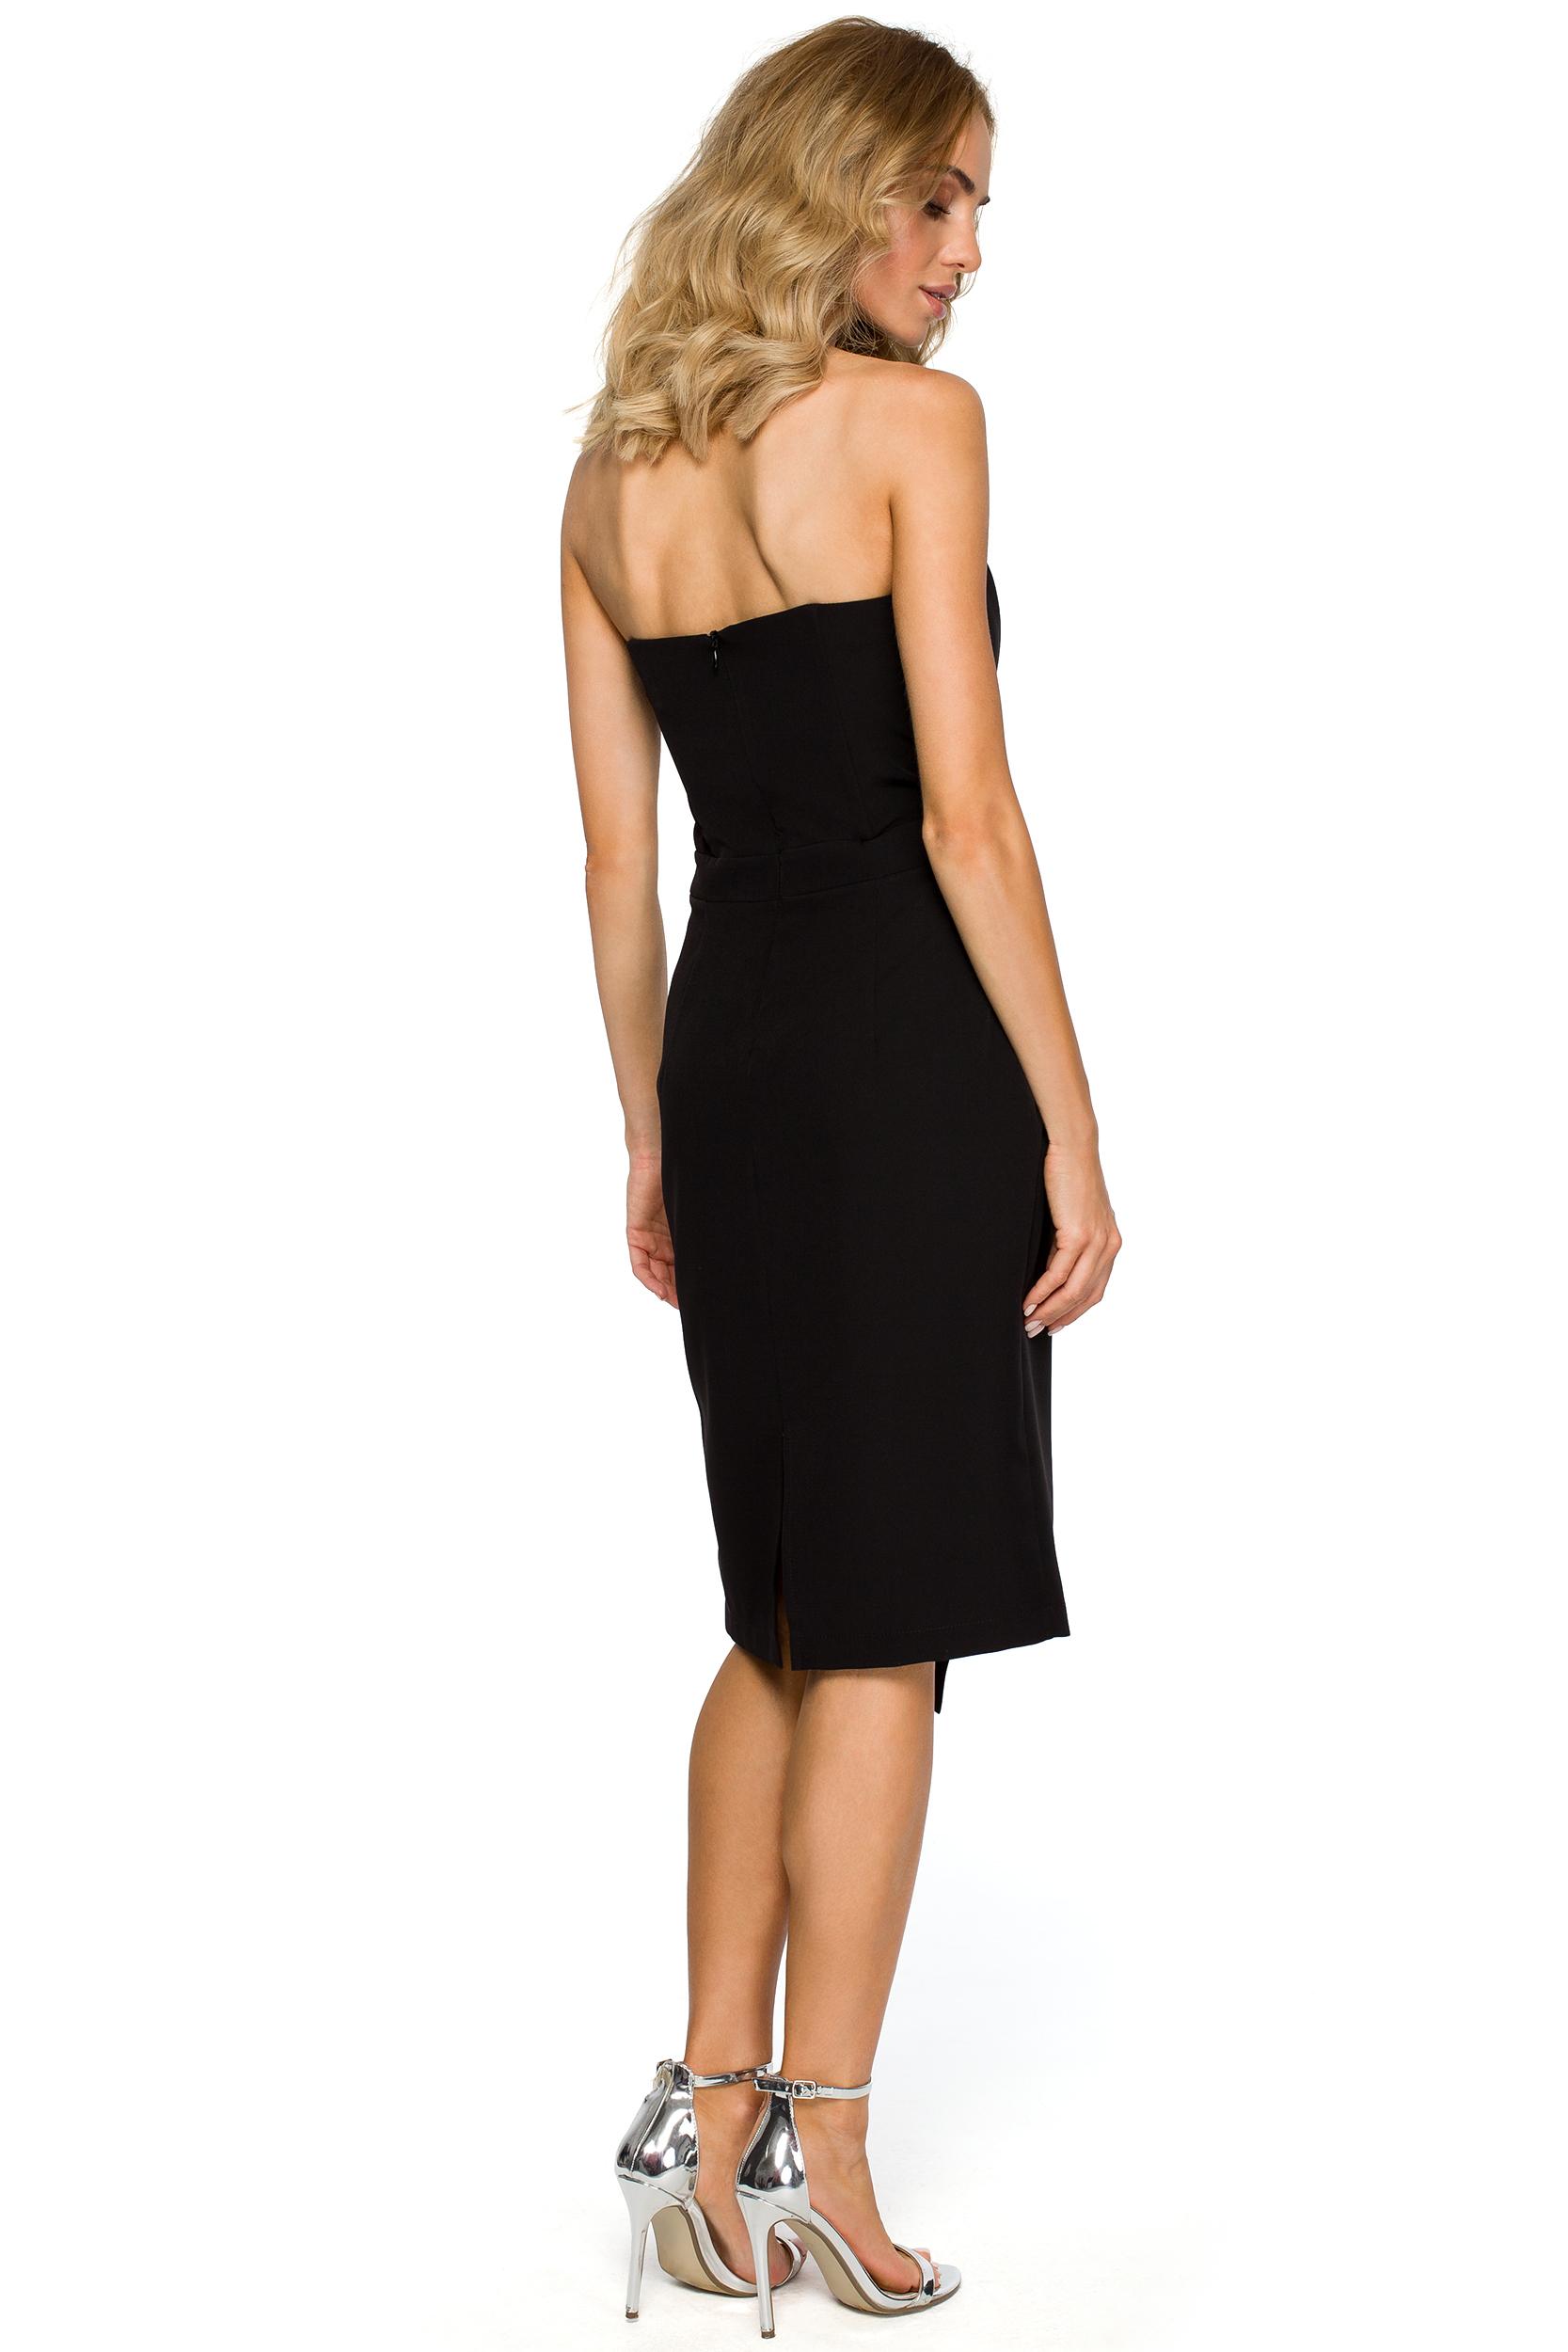 750cbe0053 Asymetryczna sukienka wieczorowa z gorsetem czarna M409